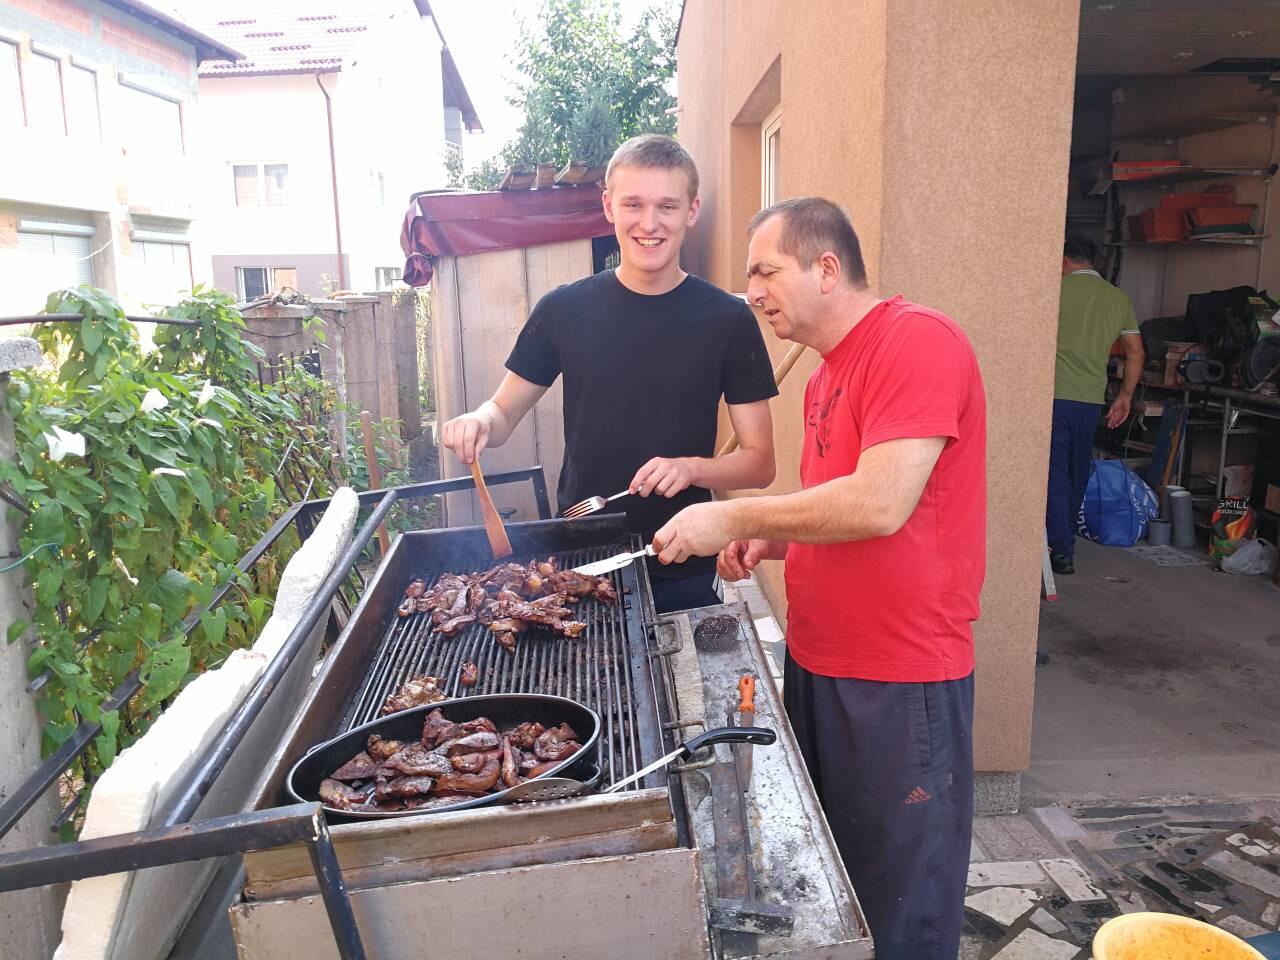 Hf 03 Greg With Hdad Greg